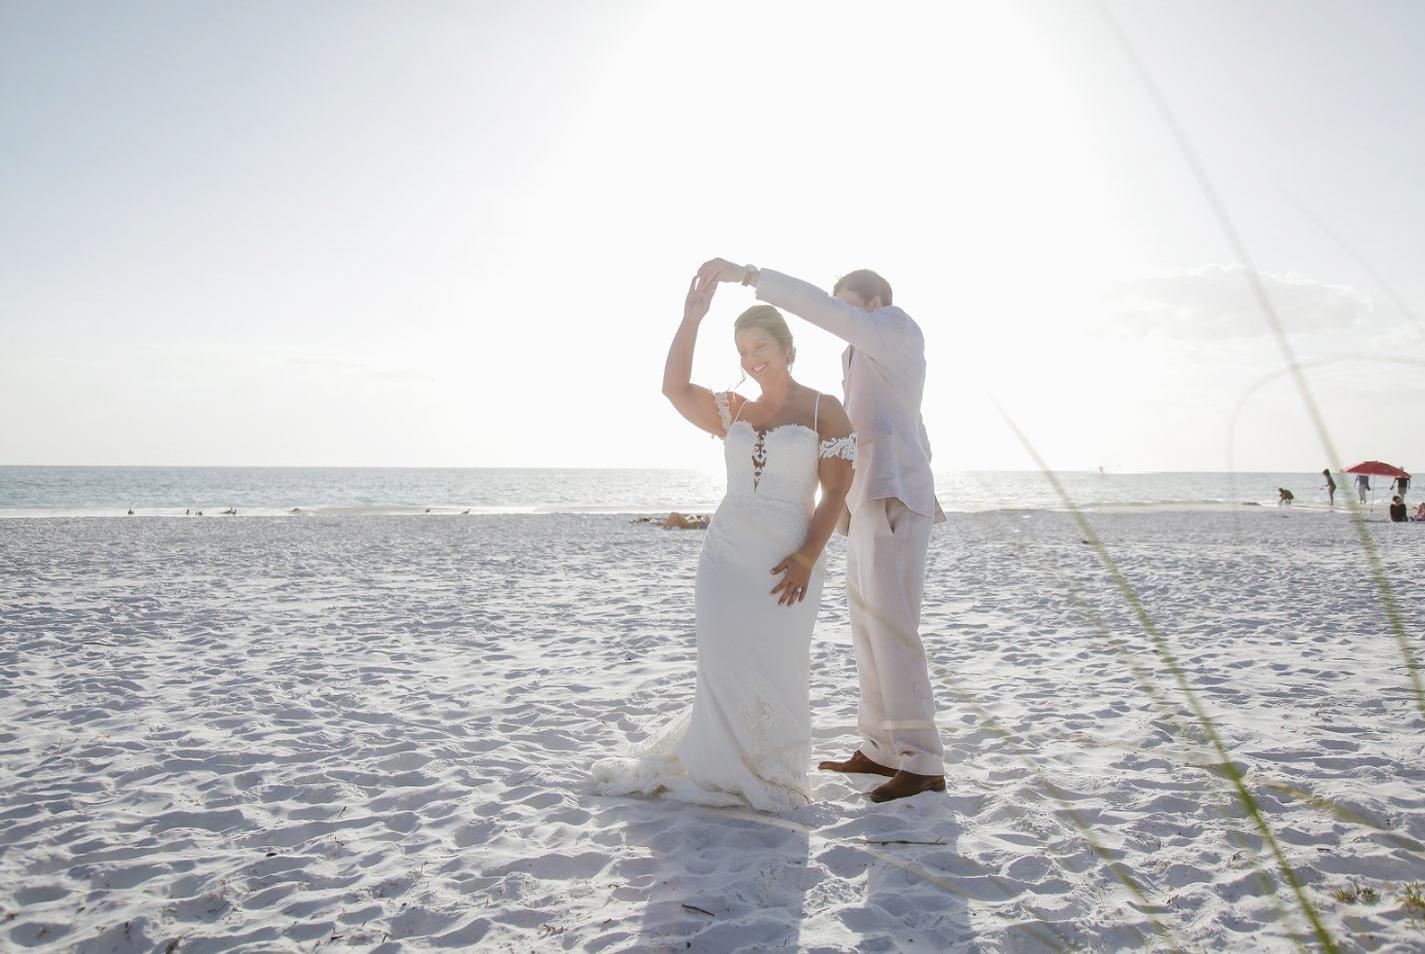 Jaime_wedding_photographer_006.JPG